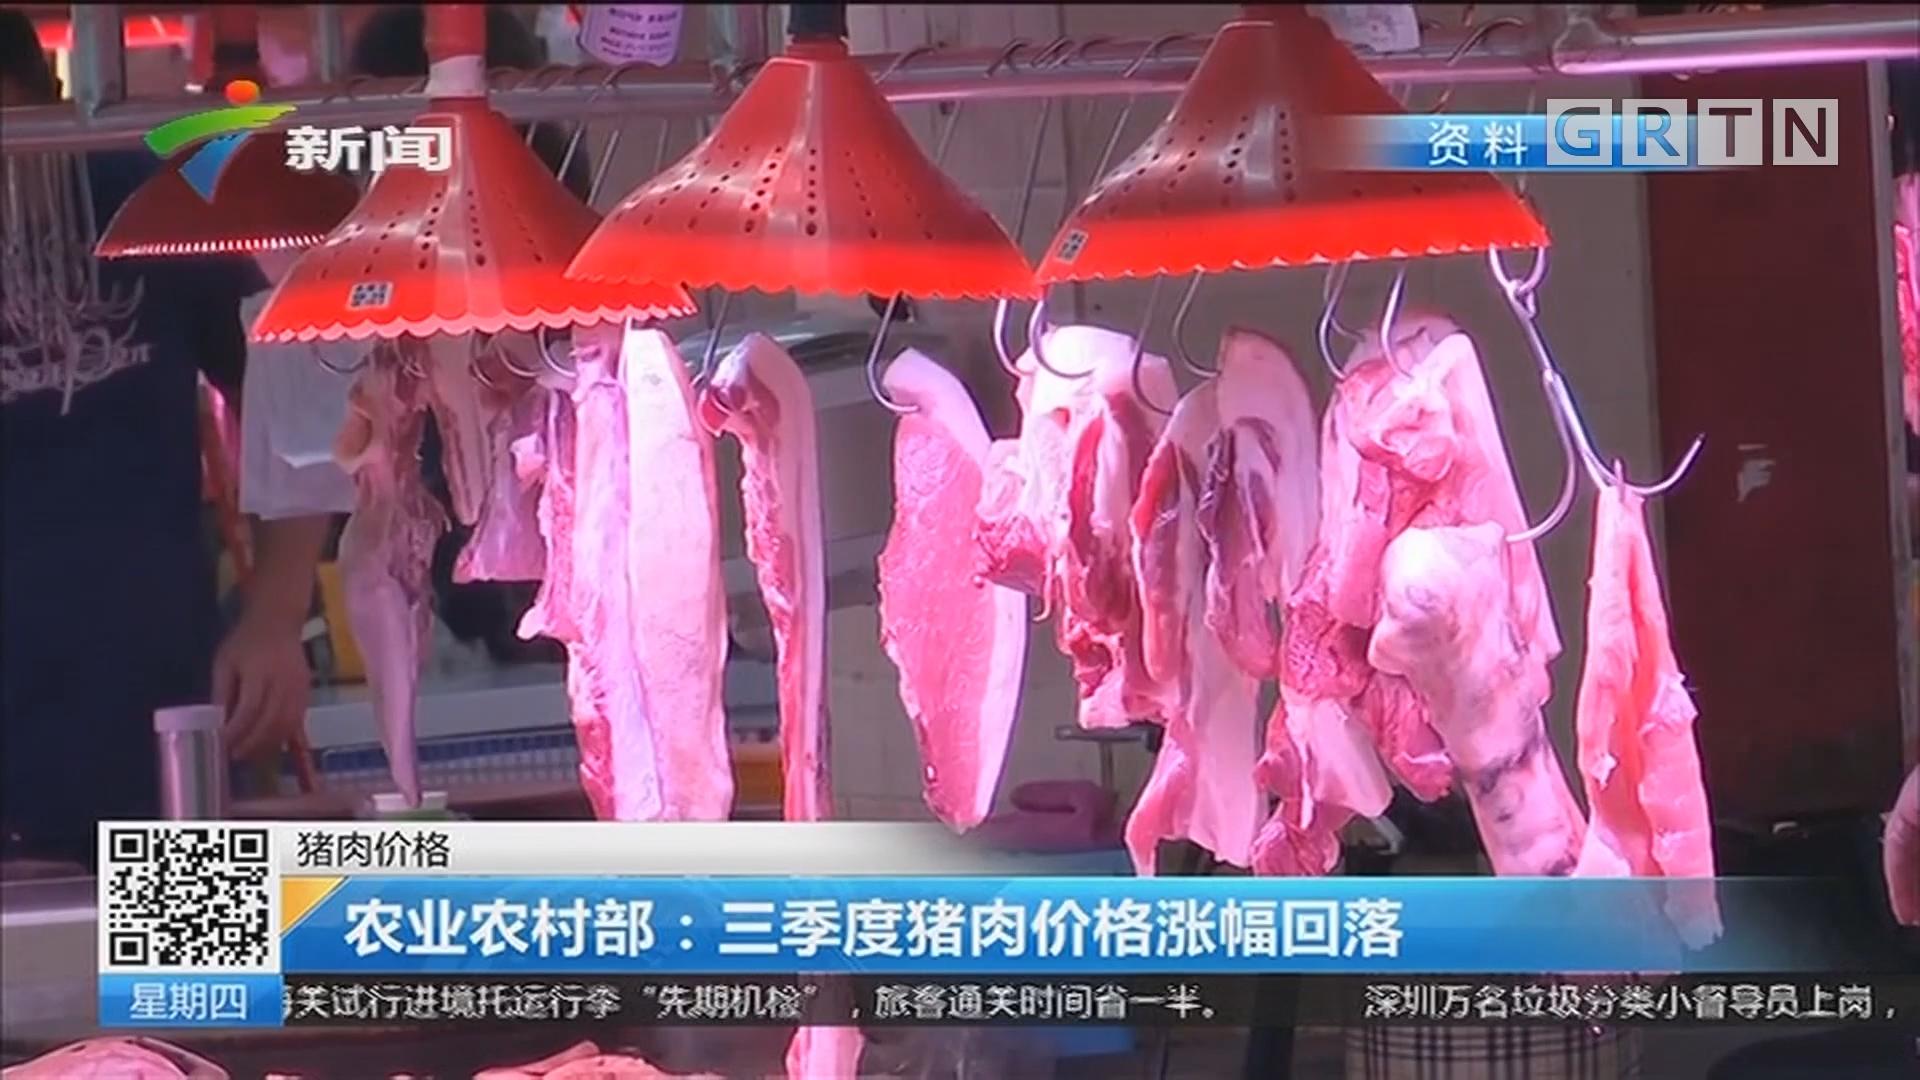 猪肉价格 农业农村部:三季度猪肉价格涨幅回落